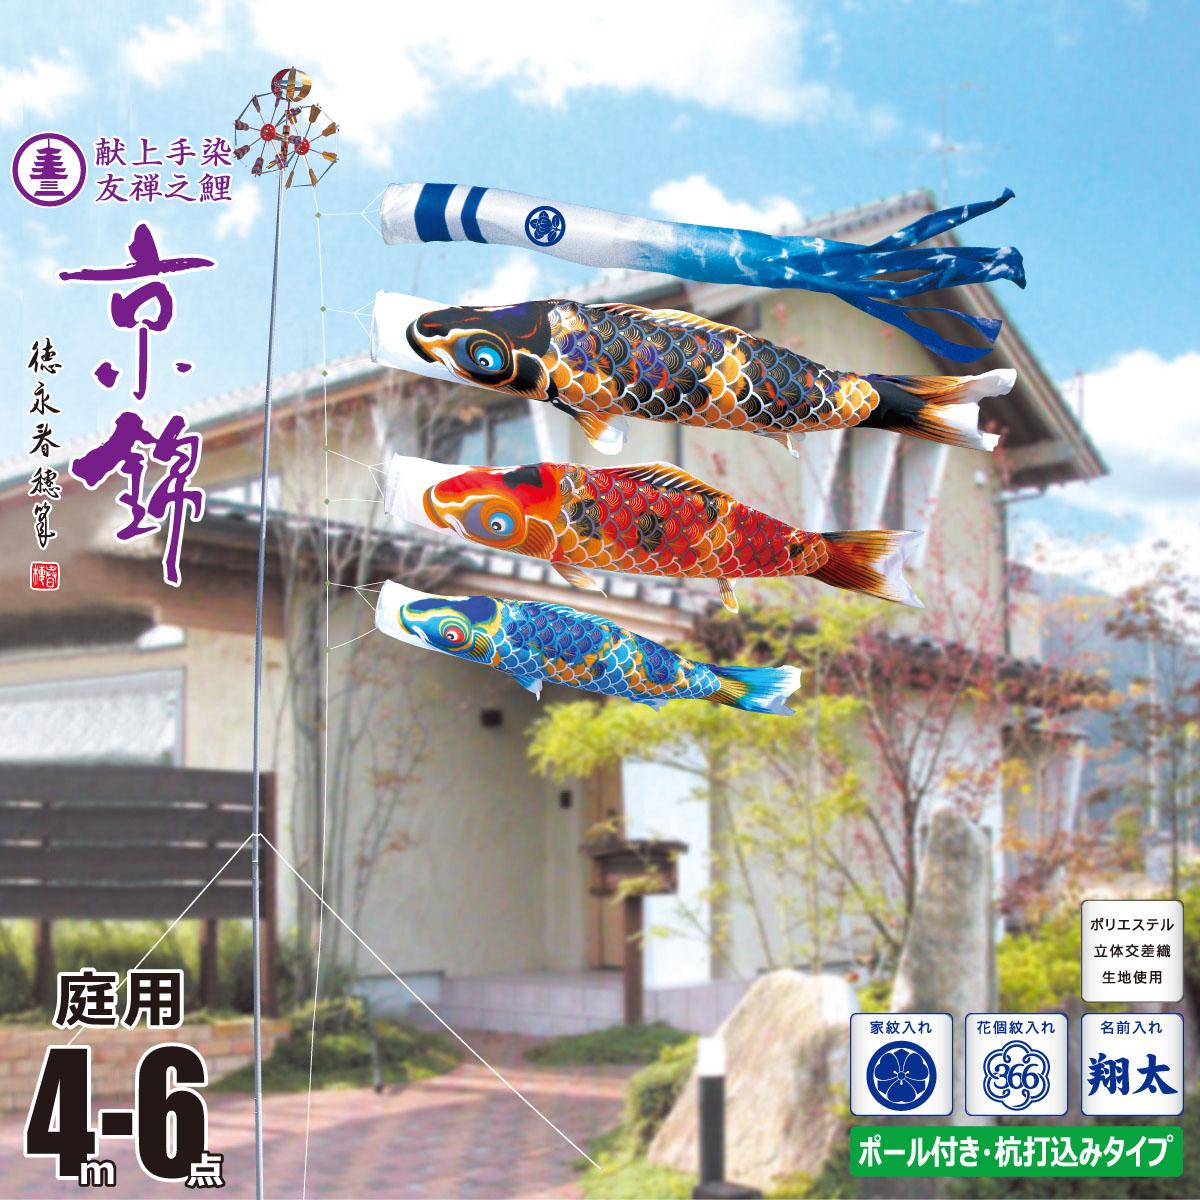 こいのぼり 4m 京錦 6点 (矢車、ロープ、吹流し、鯉3匹) 庭園用 ガーデンセット (専用ポール一式) 徳永鯉のぼり KIT-112-100